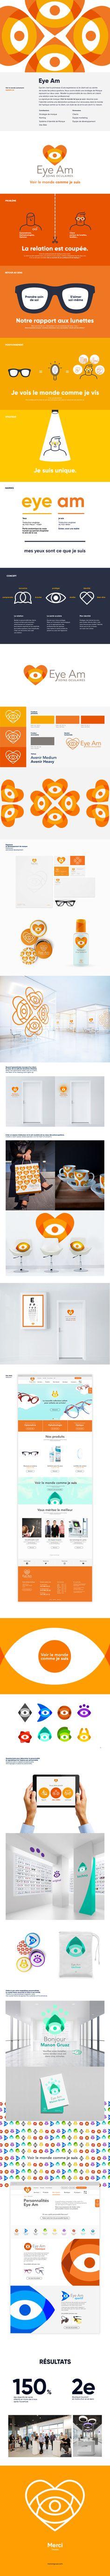 Manon Gruaz on Behance Design System, Flat Design, Eyeglasses, Identity, Behance, Branding, Concept, Website, Heart